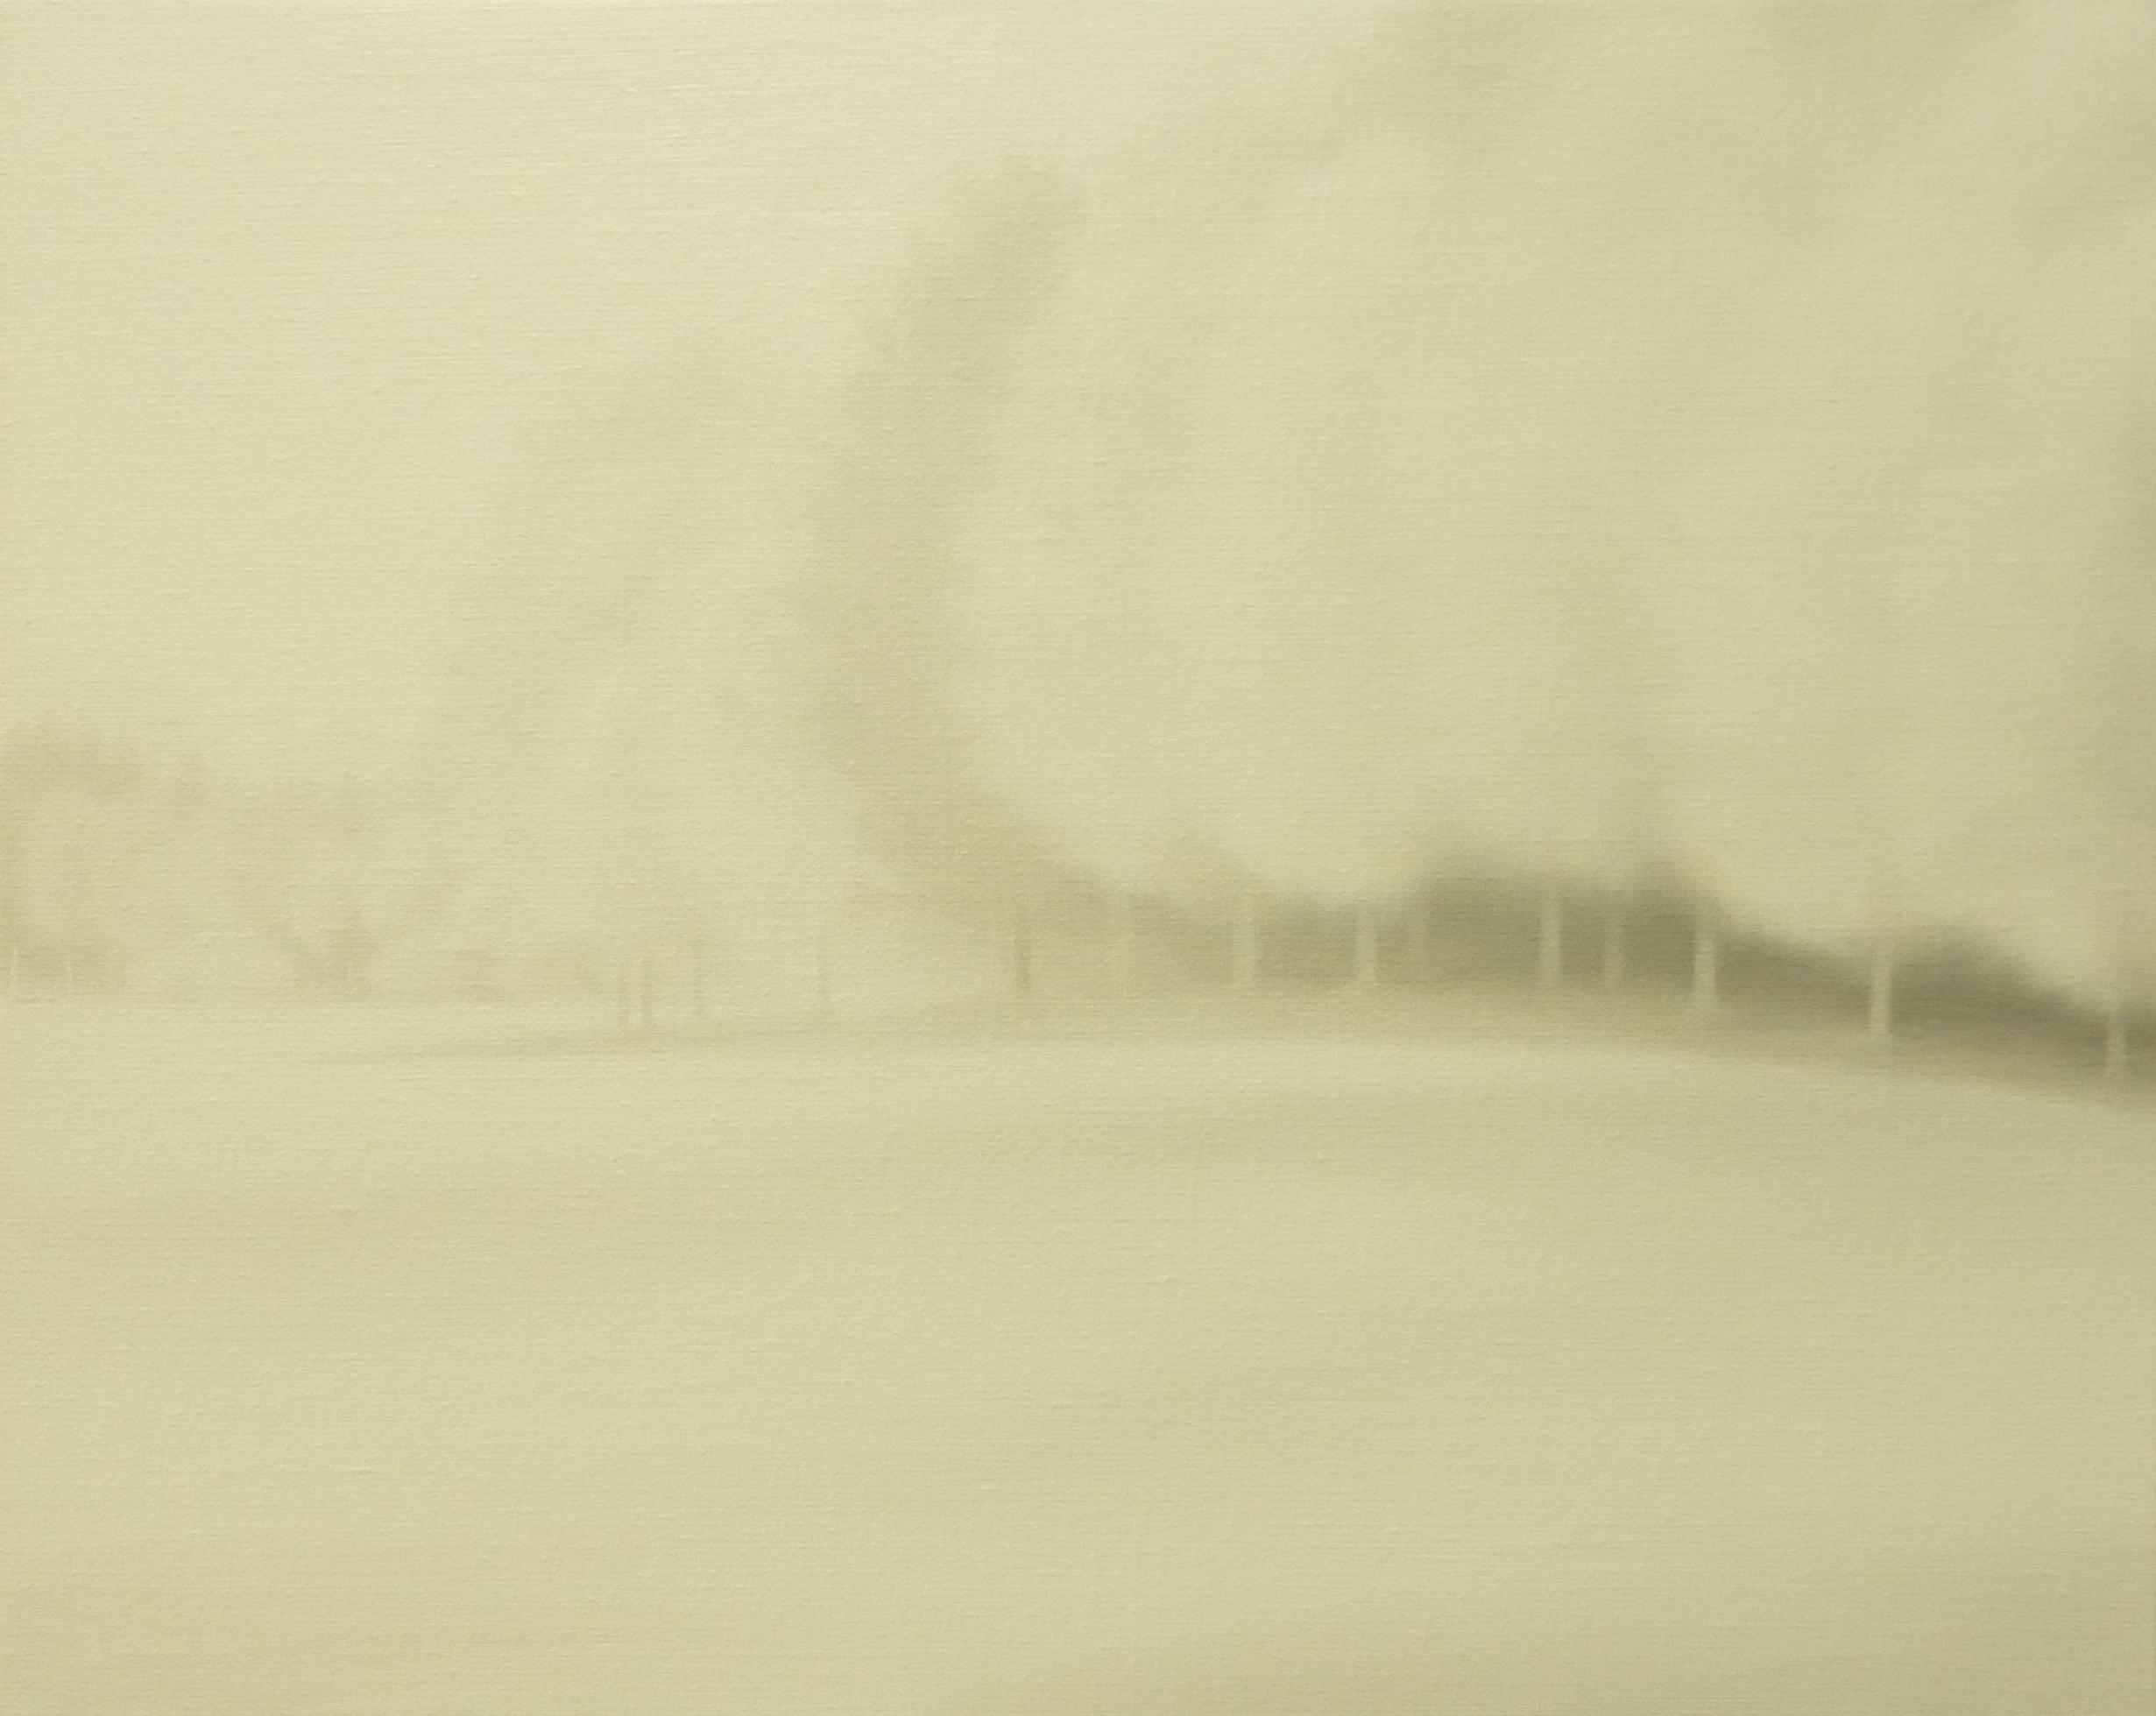 LW090 Winterfall Óleo sobre lienzo 33 x 41 cm. 2016